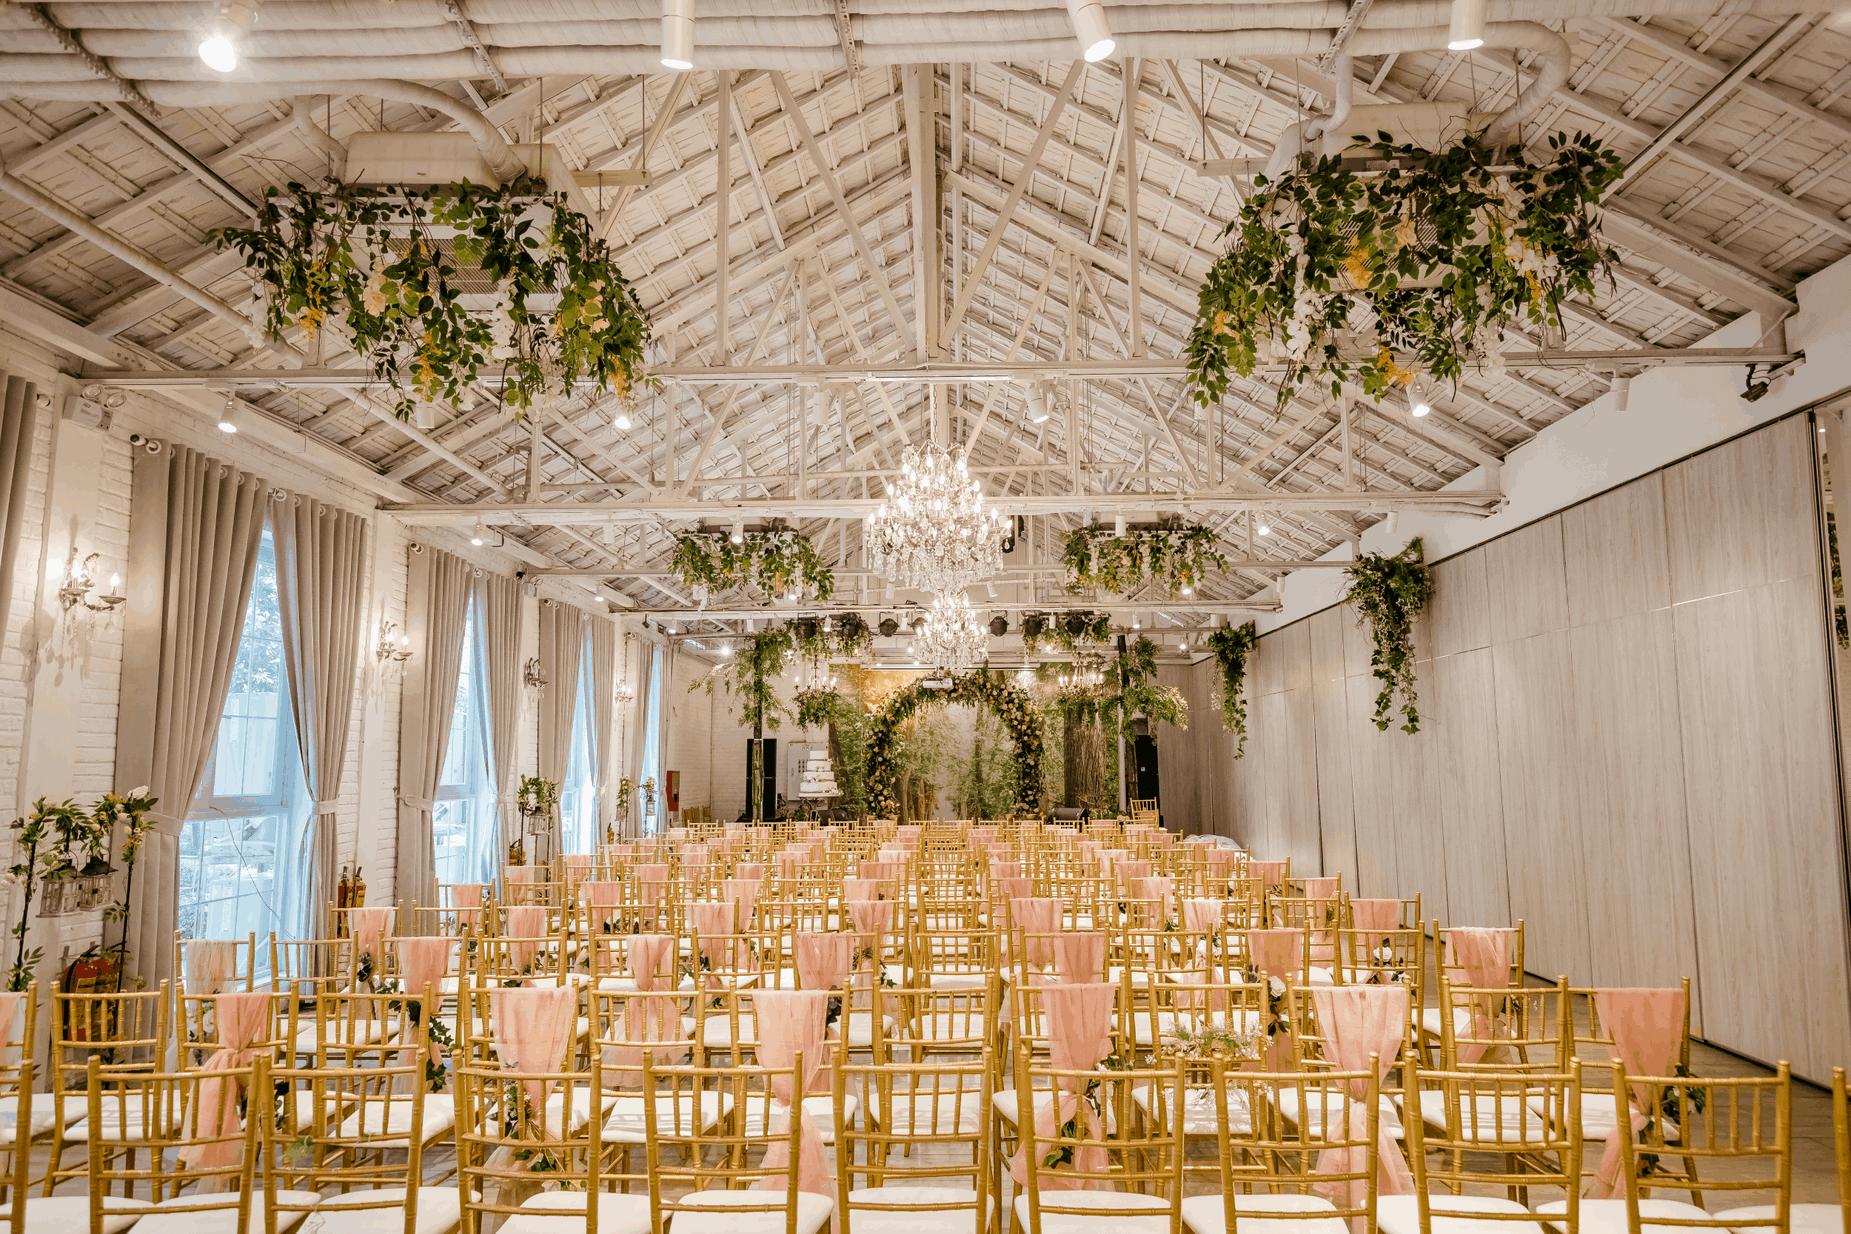 Trung tâm tổ chức tiệc cưới & sự kiện